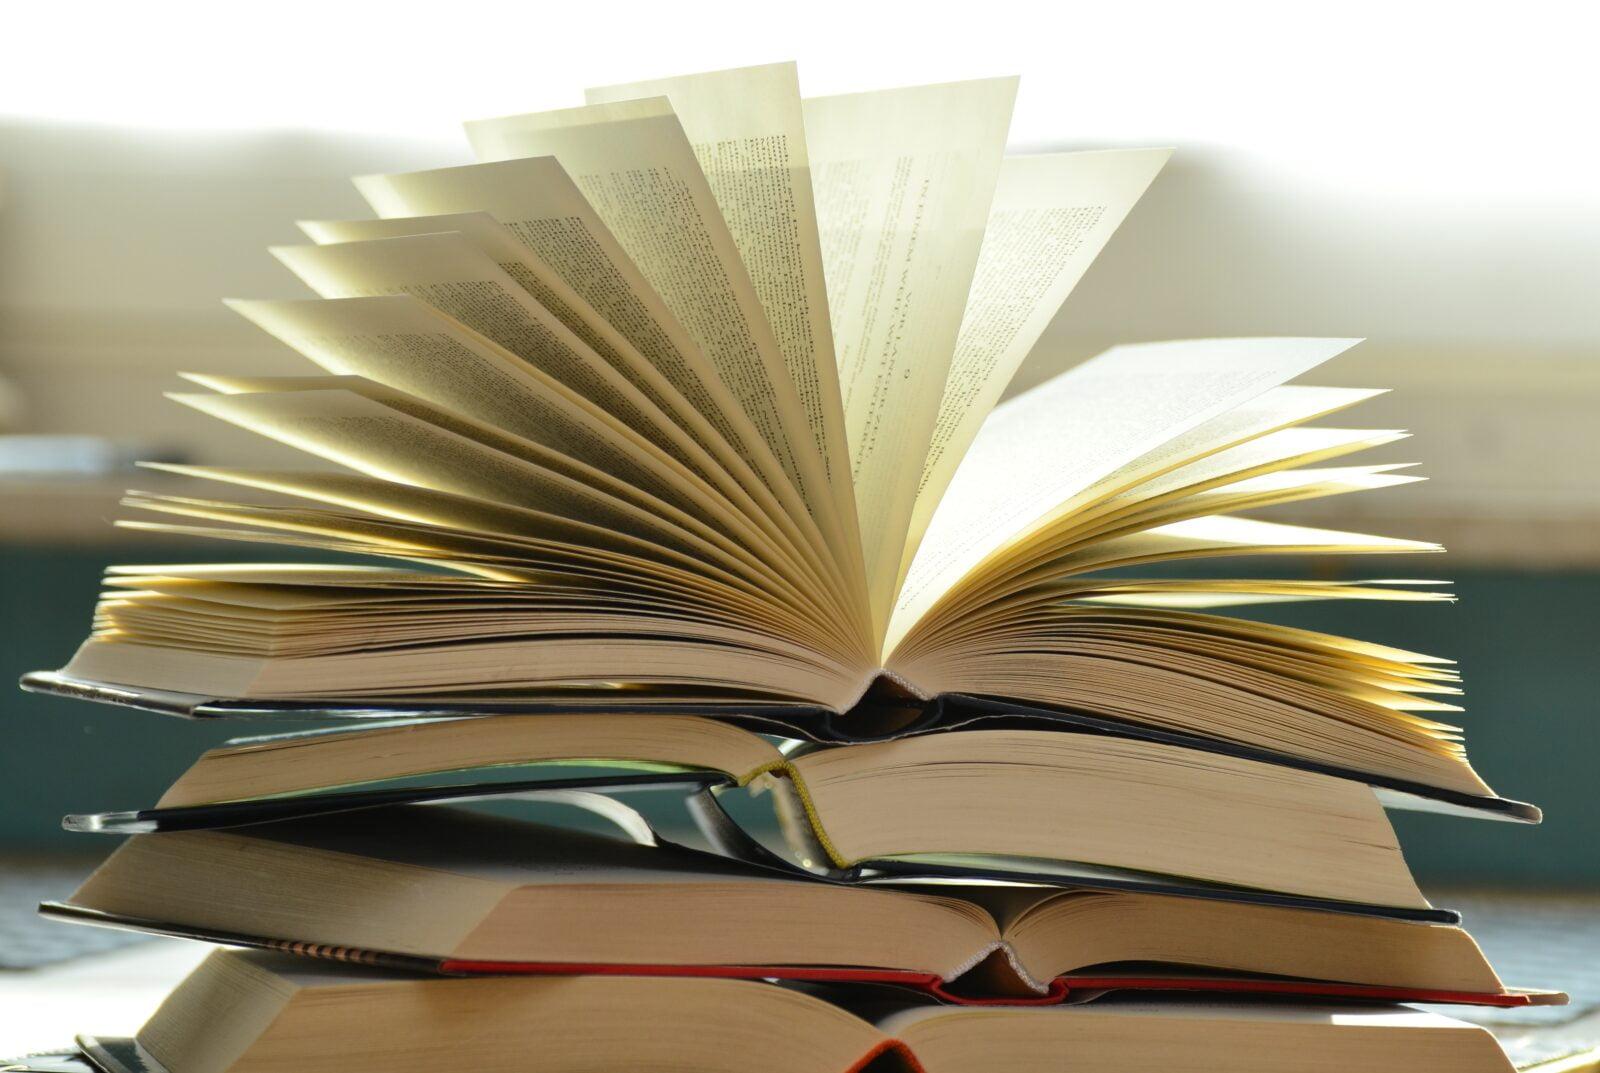 En Sevdiğim & Hayata Bakışımı Değiştiren Top 7 Kitap Önerileri Listem